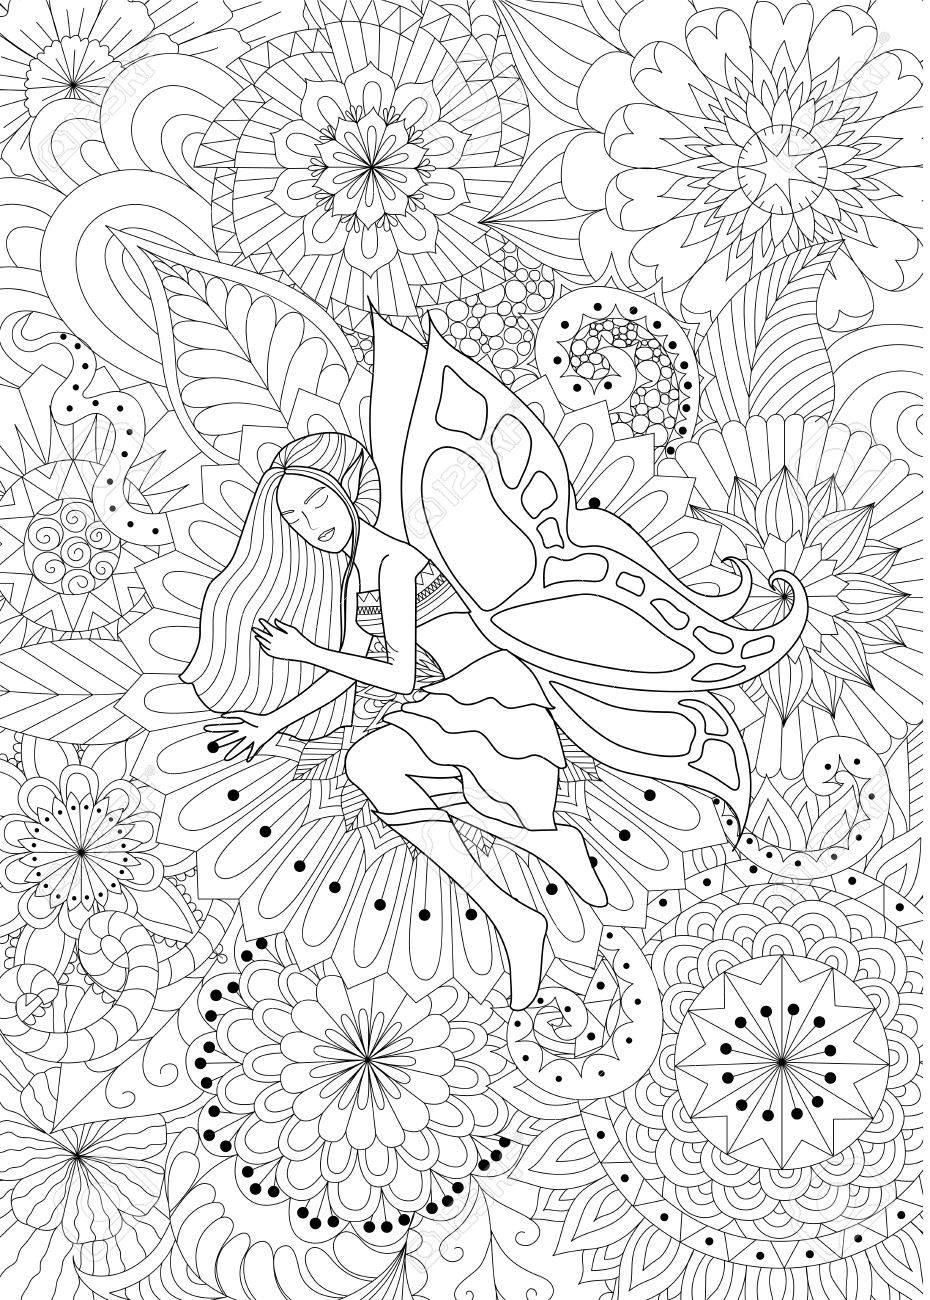 大人の塗り絵の花ライン アート デザインで寝ている妖精